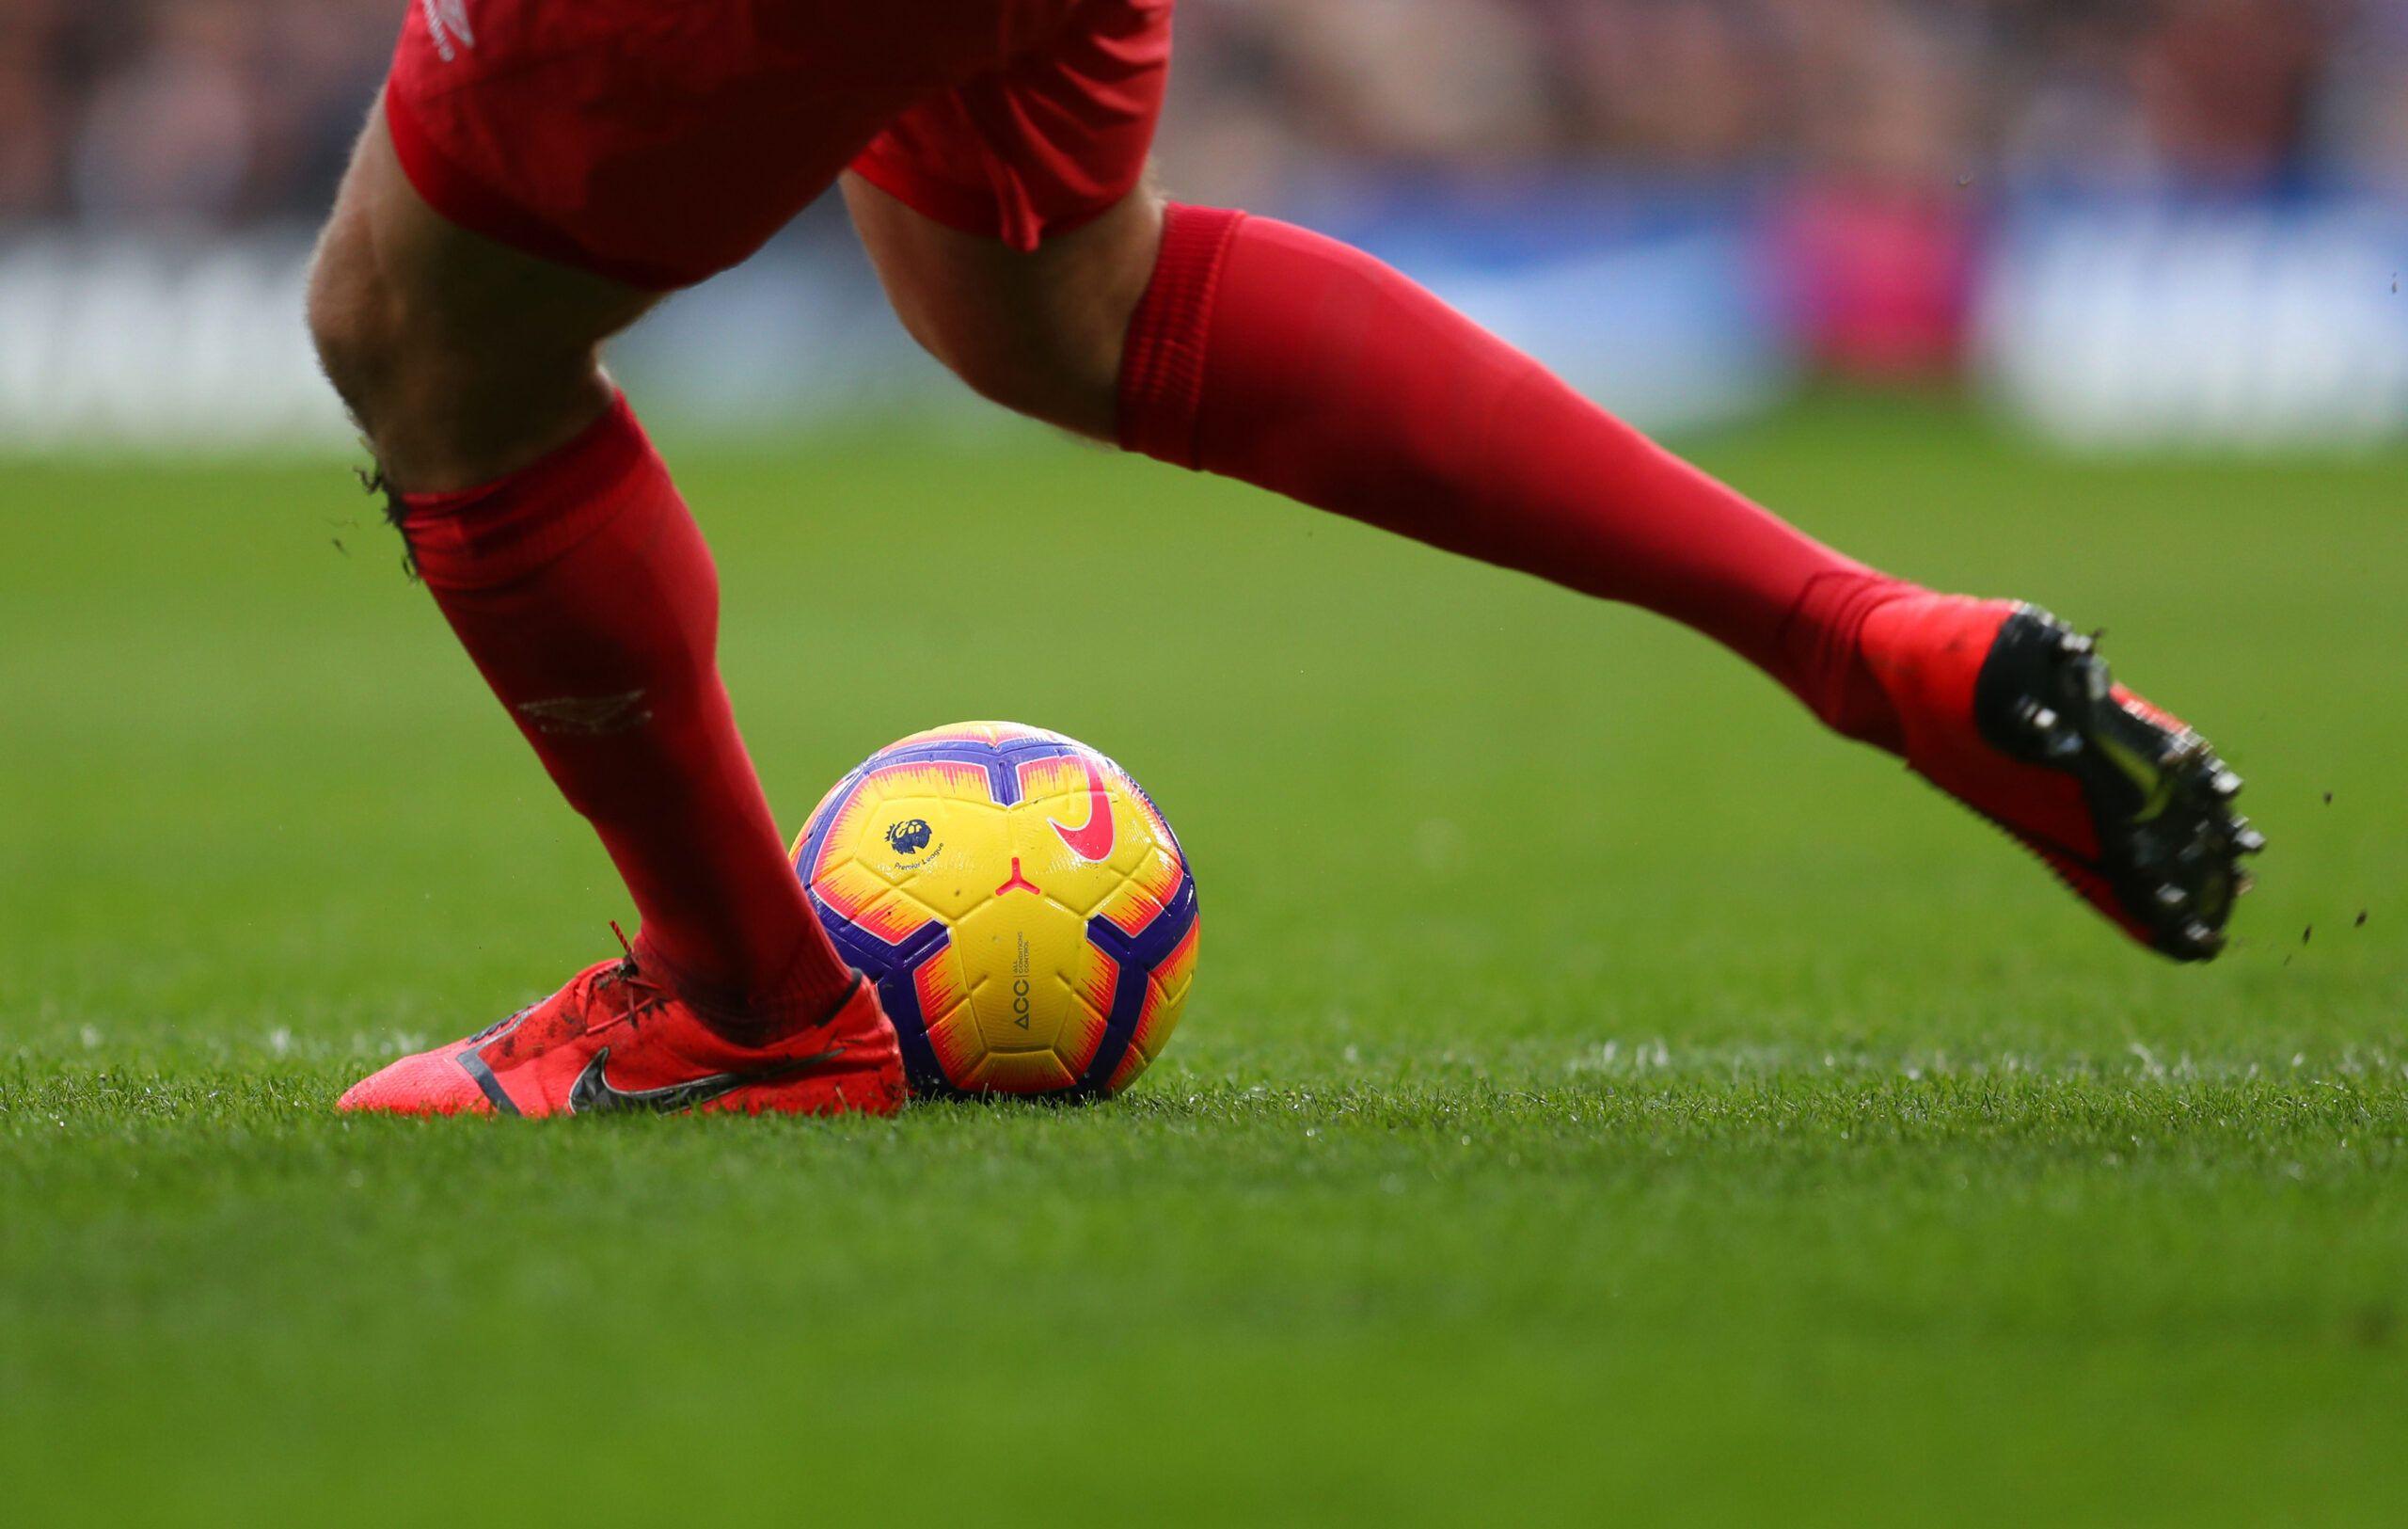 Προγνωστικά Προβλέψεις Στοίχημα Premier League ποδόσφαιρο επανέναρξη σεζόν